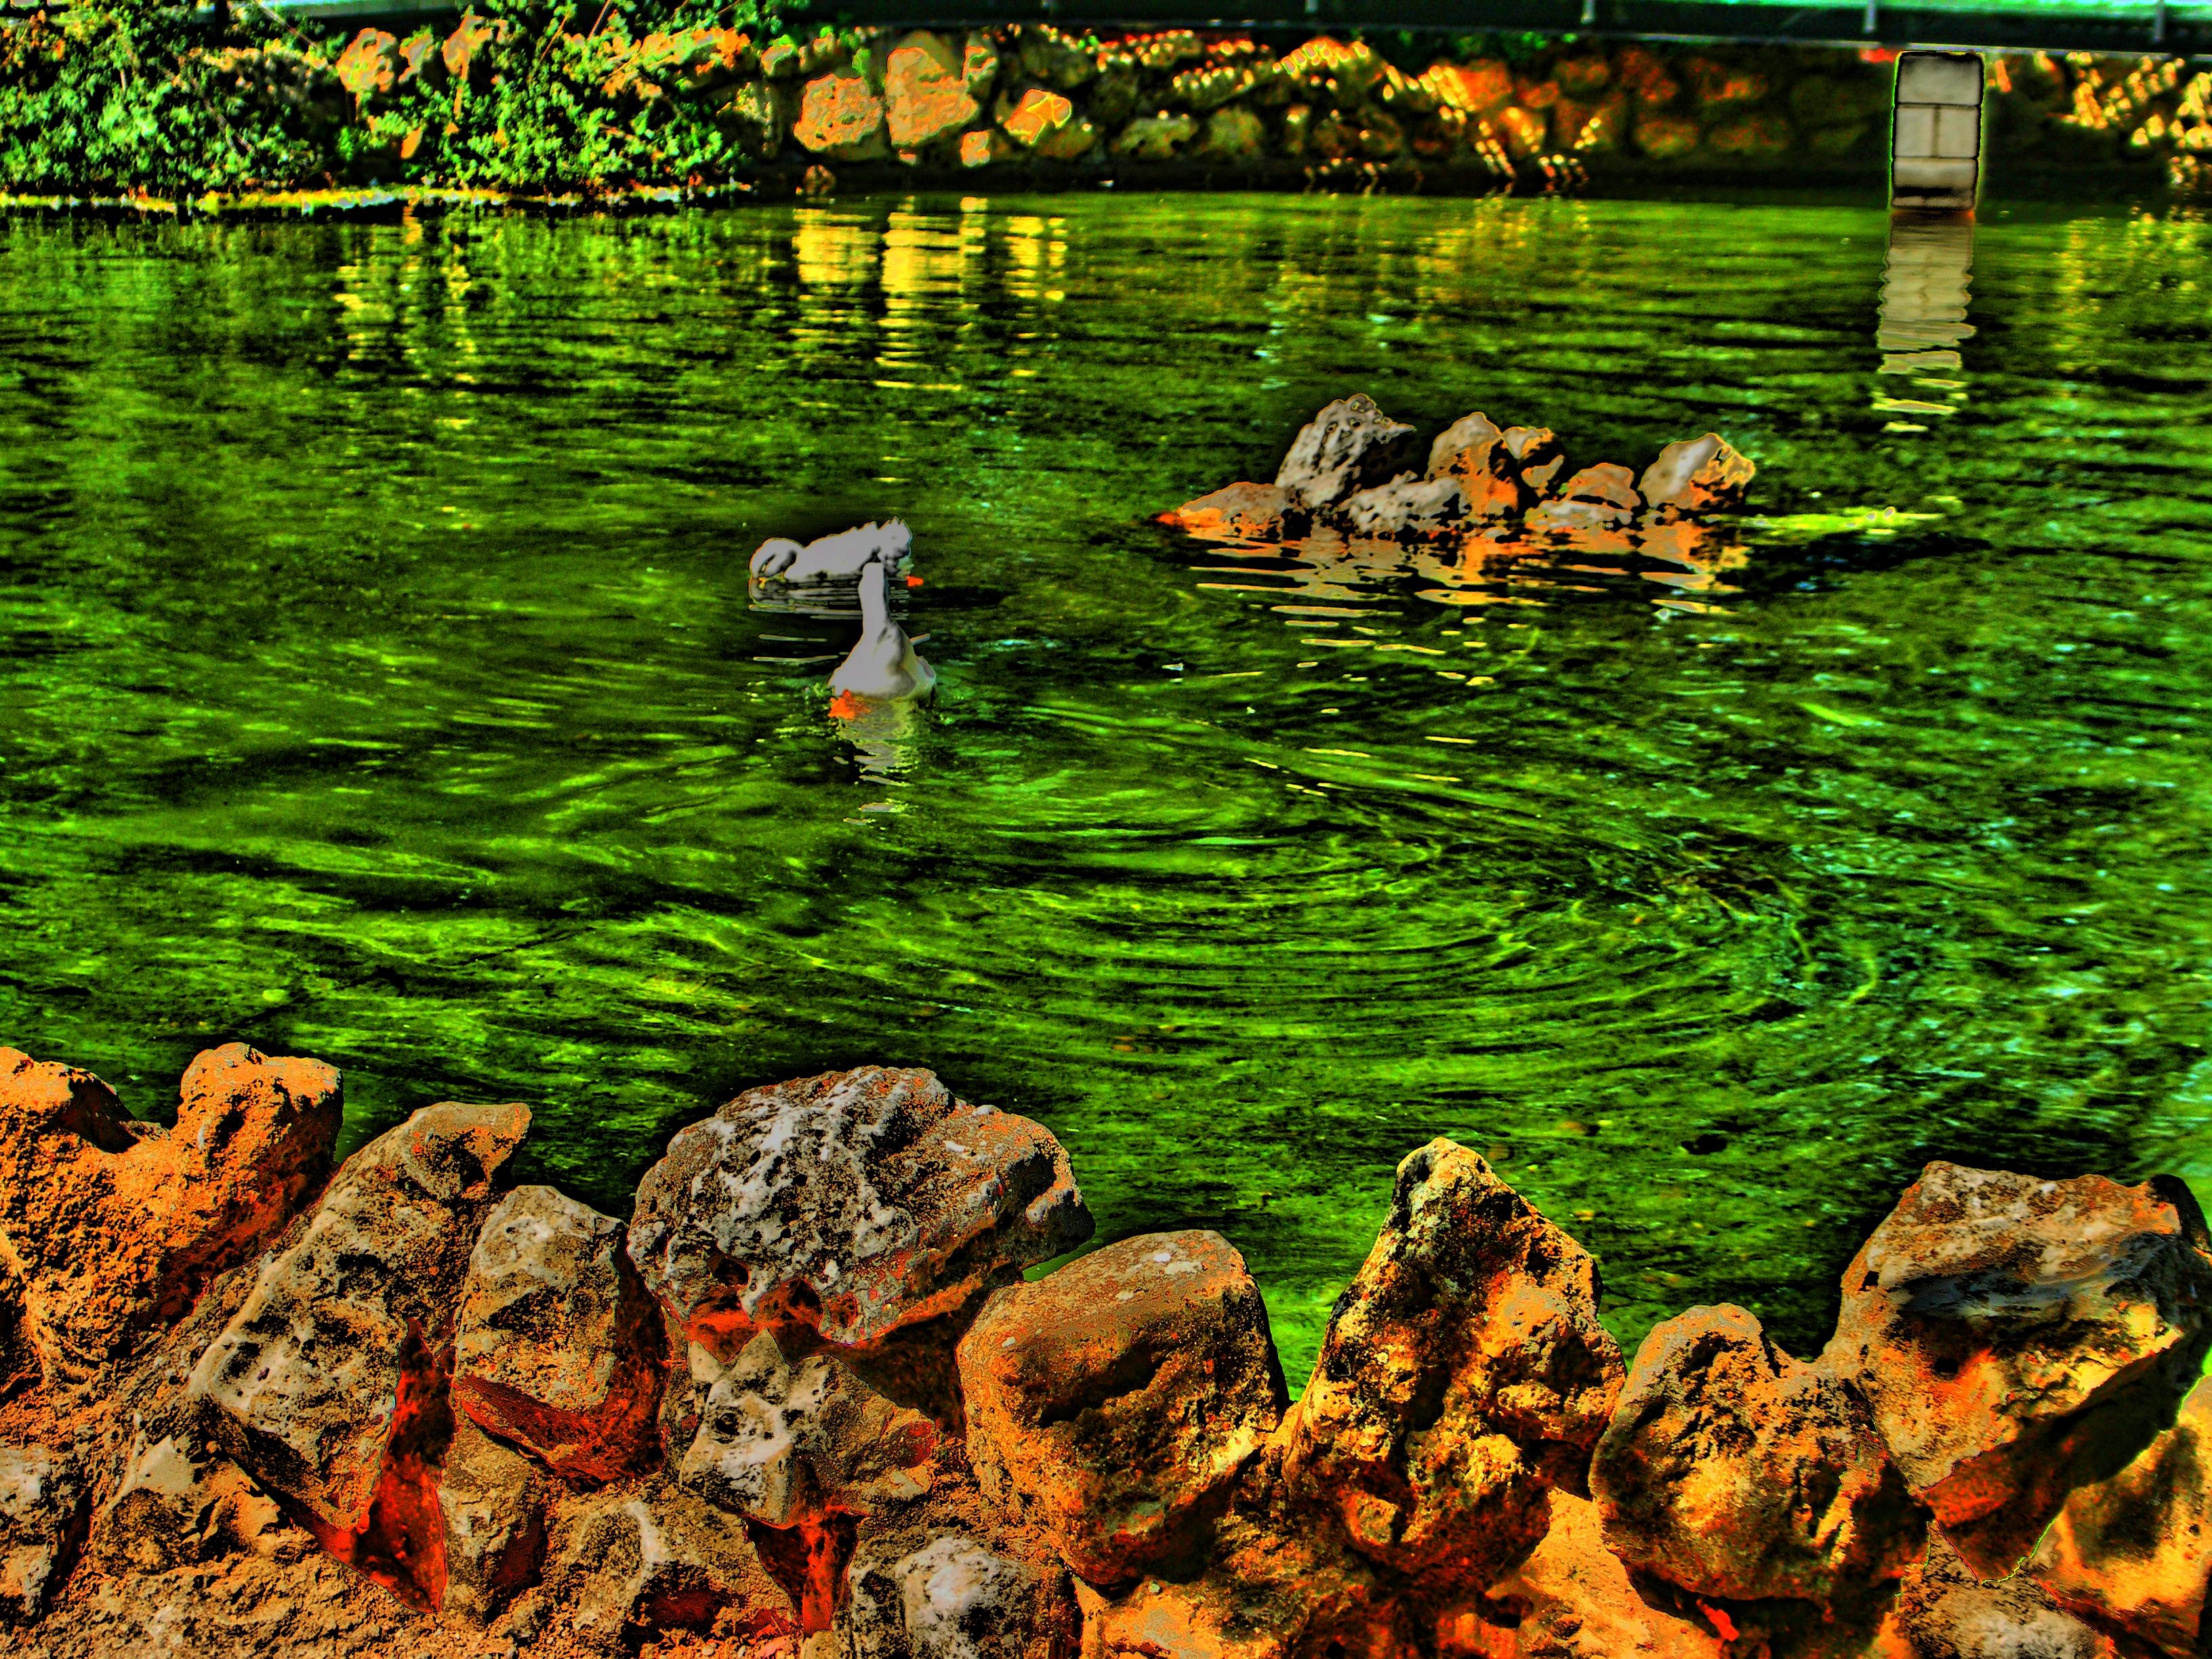 El estanque de los patos fotos de nuestras mascotas for Estanque para perros